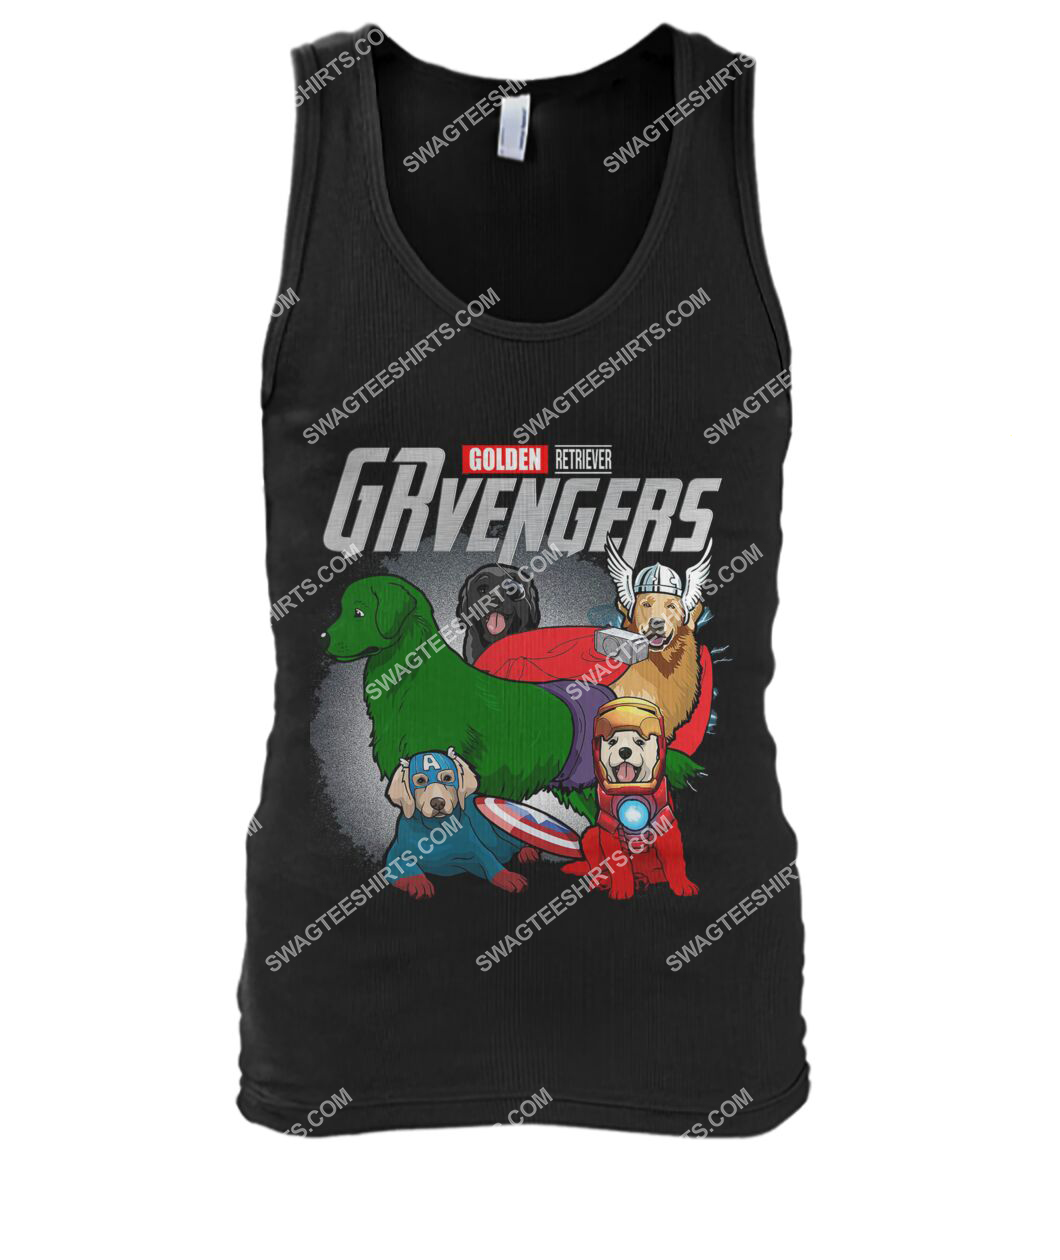 golden retriever grvengers marvel avengers dogs lover tank top 1